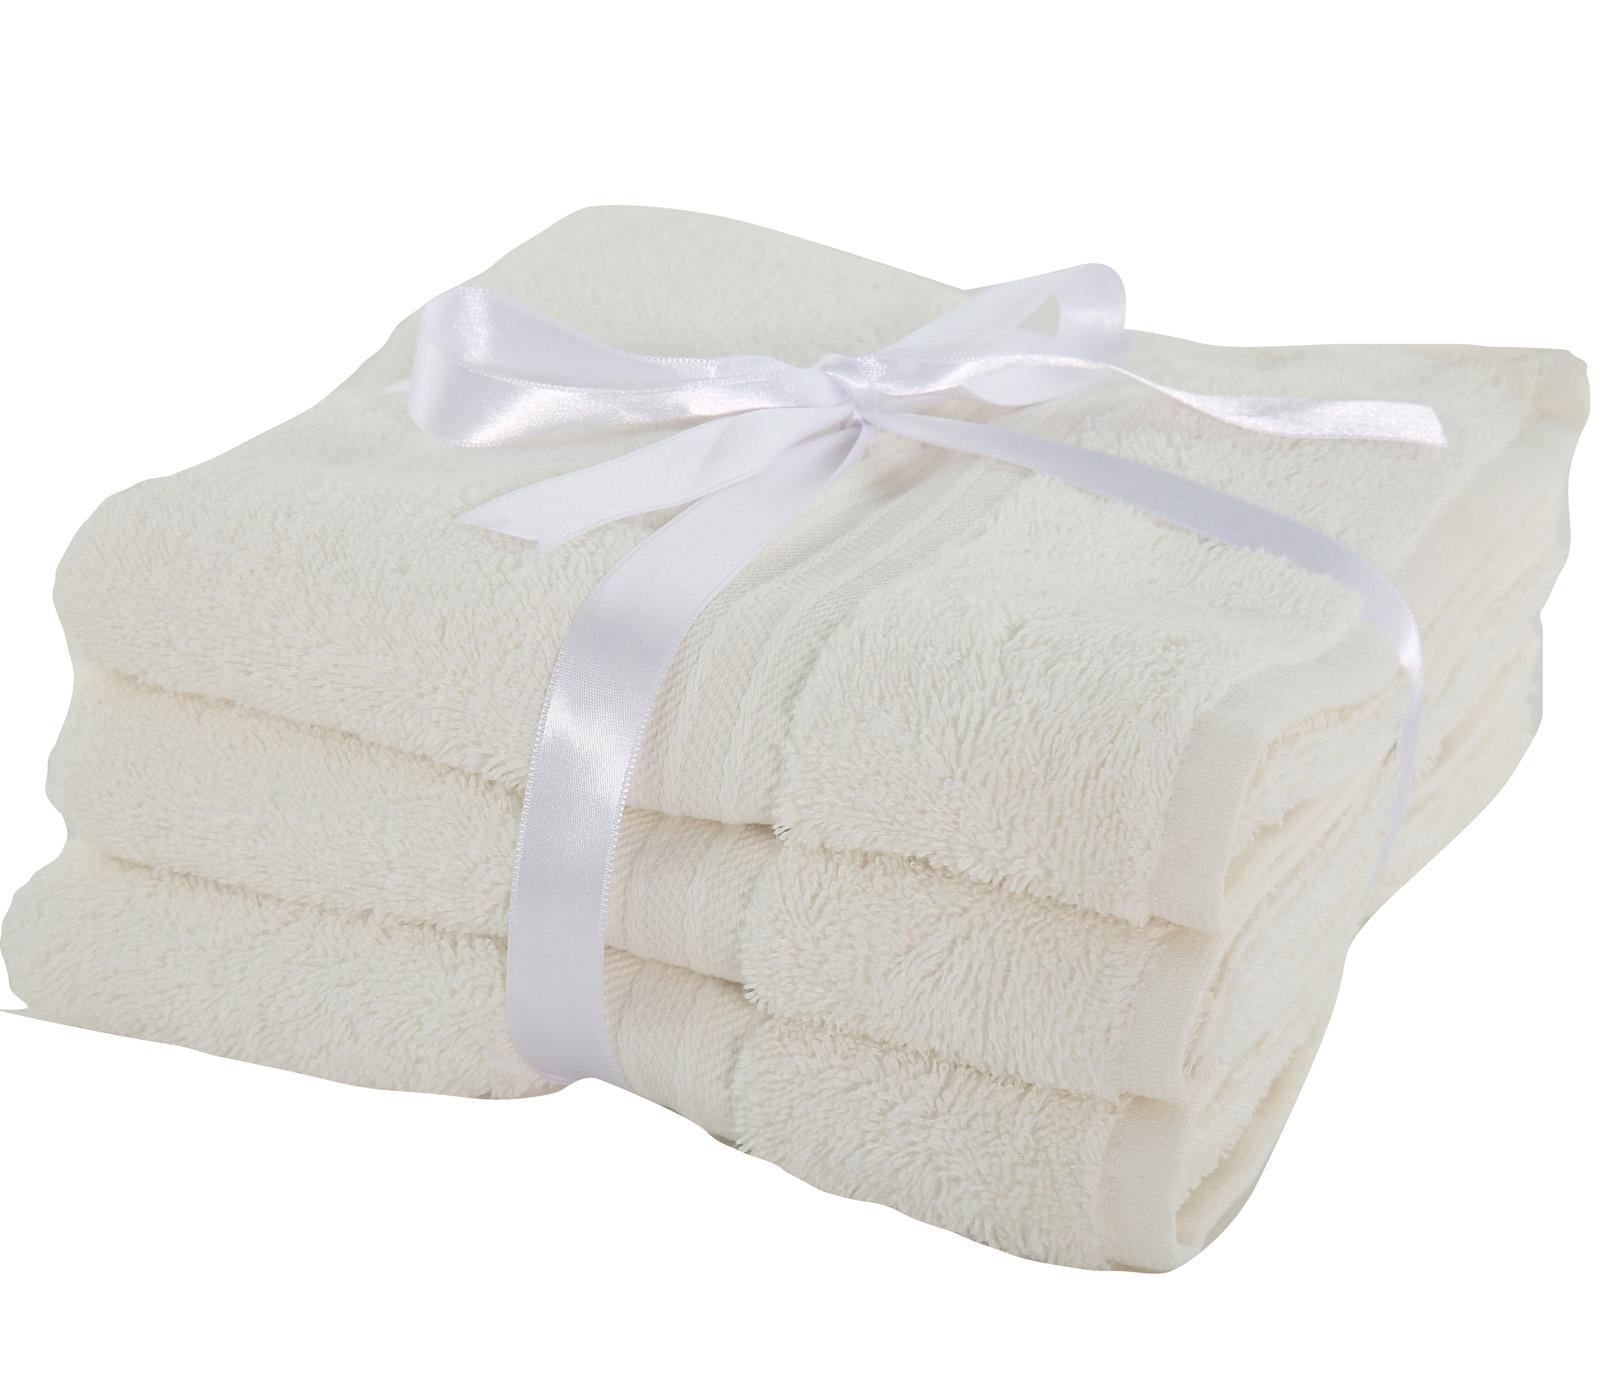 Πετσέτες Προσώπου (Σετ 3 Τμχ) Nef Nef Cosy Cream